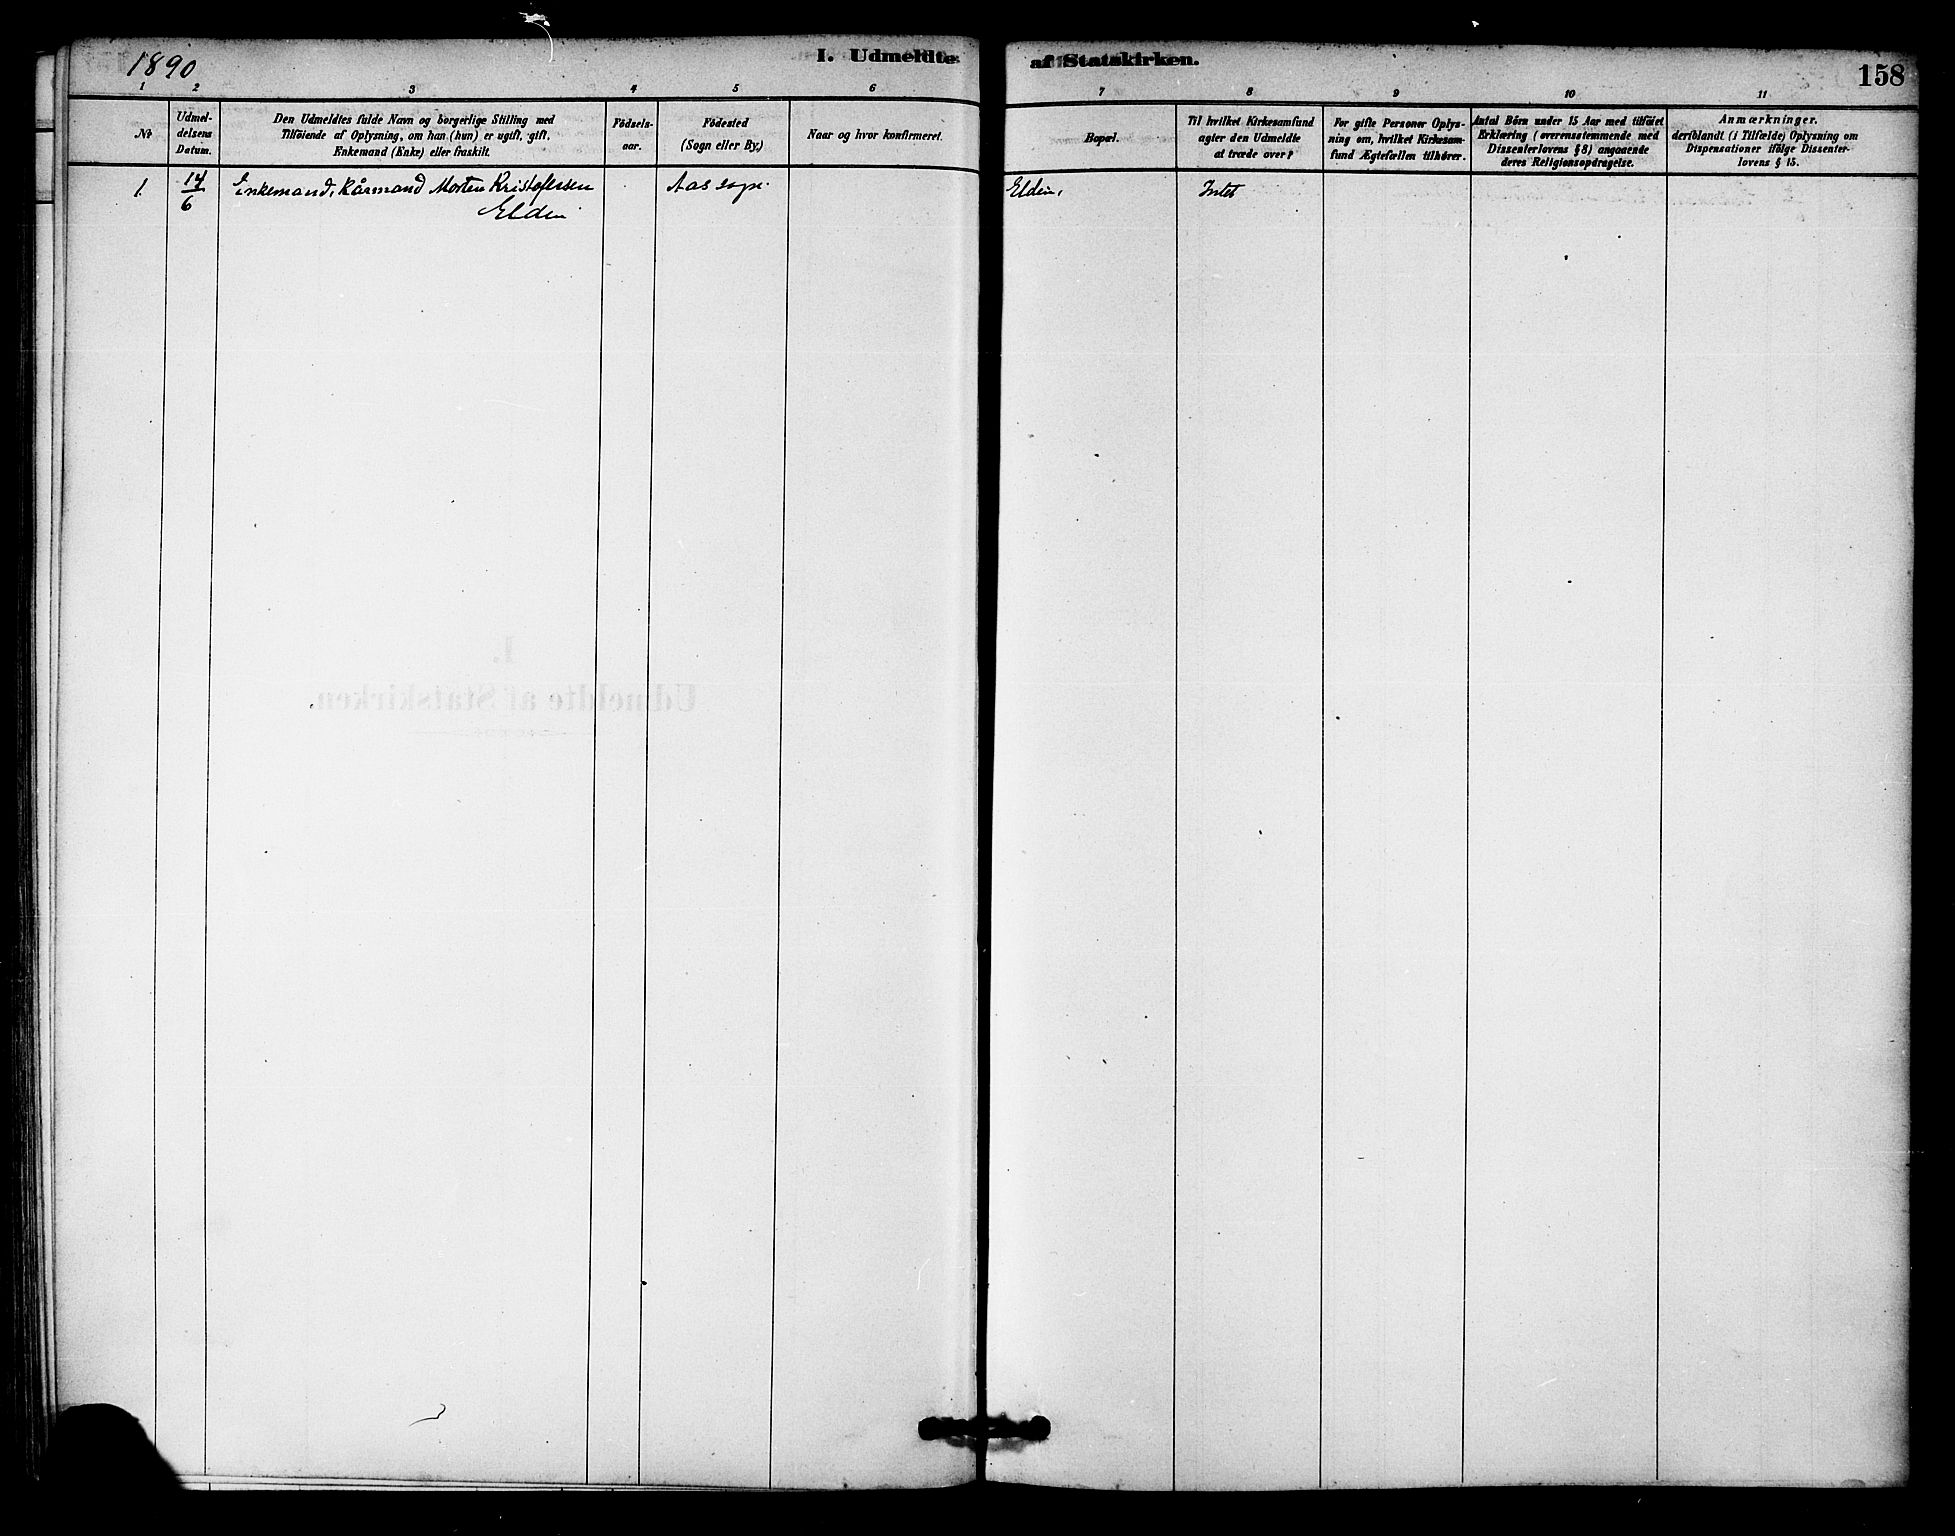 SAT, Ministerialprotokoller, klokkerbøker og fødselsregistre - Nord-Trøndelag, 742/L0408: Ministerialbok nr. 742A01, 1878-1890, s. 158